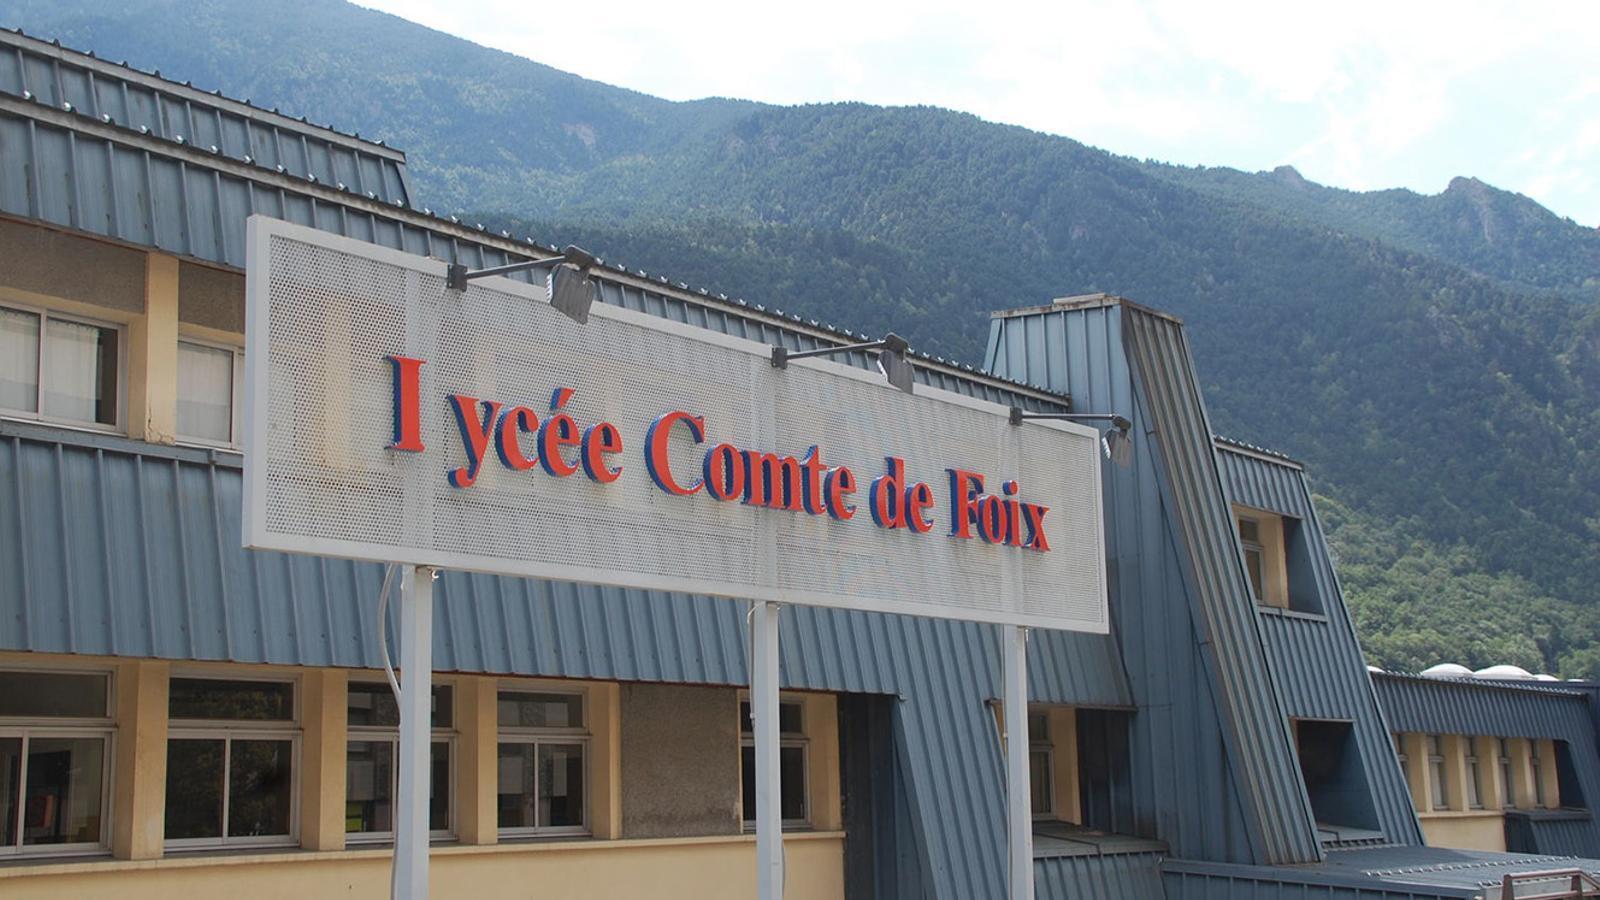 Façana del Lycée Comte de Foix. / ARXIU ANA